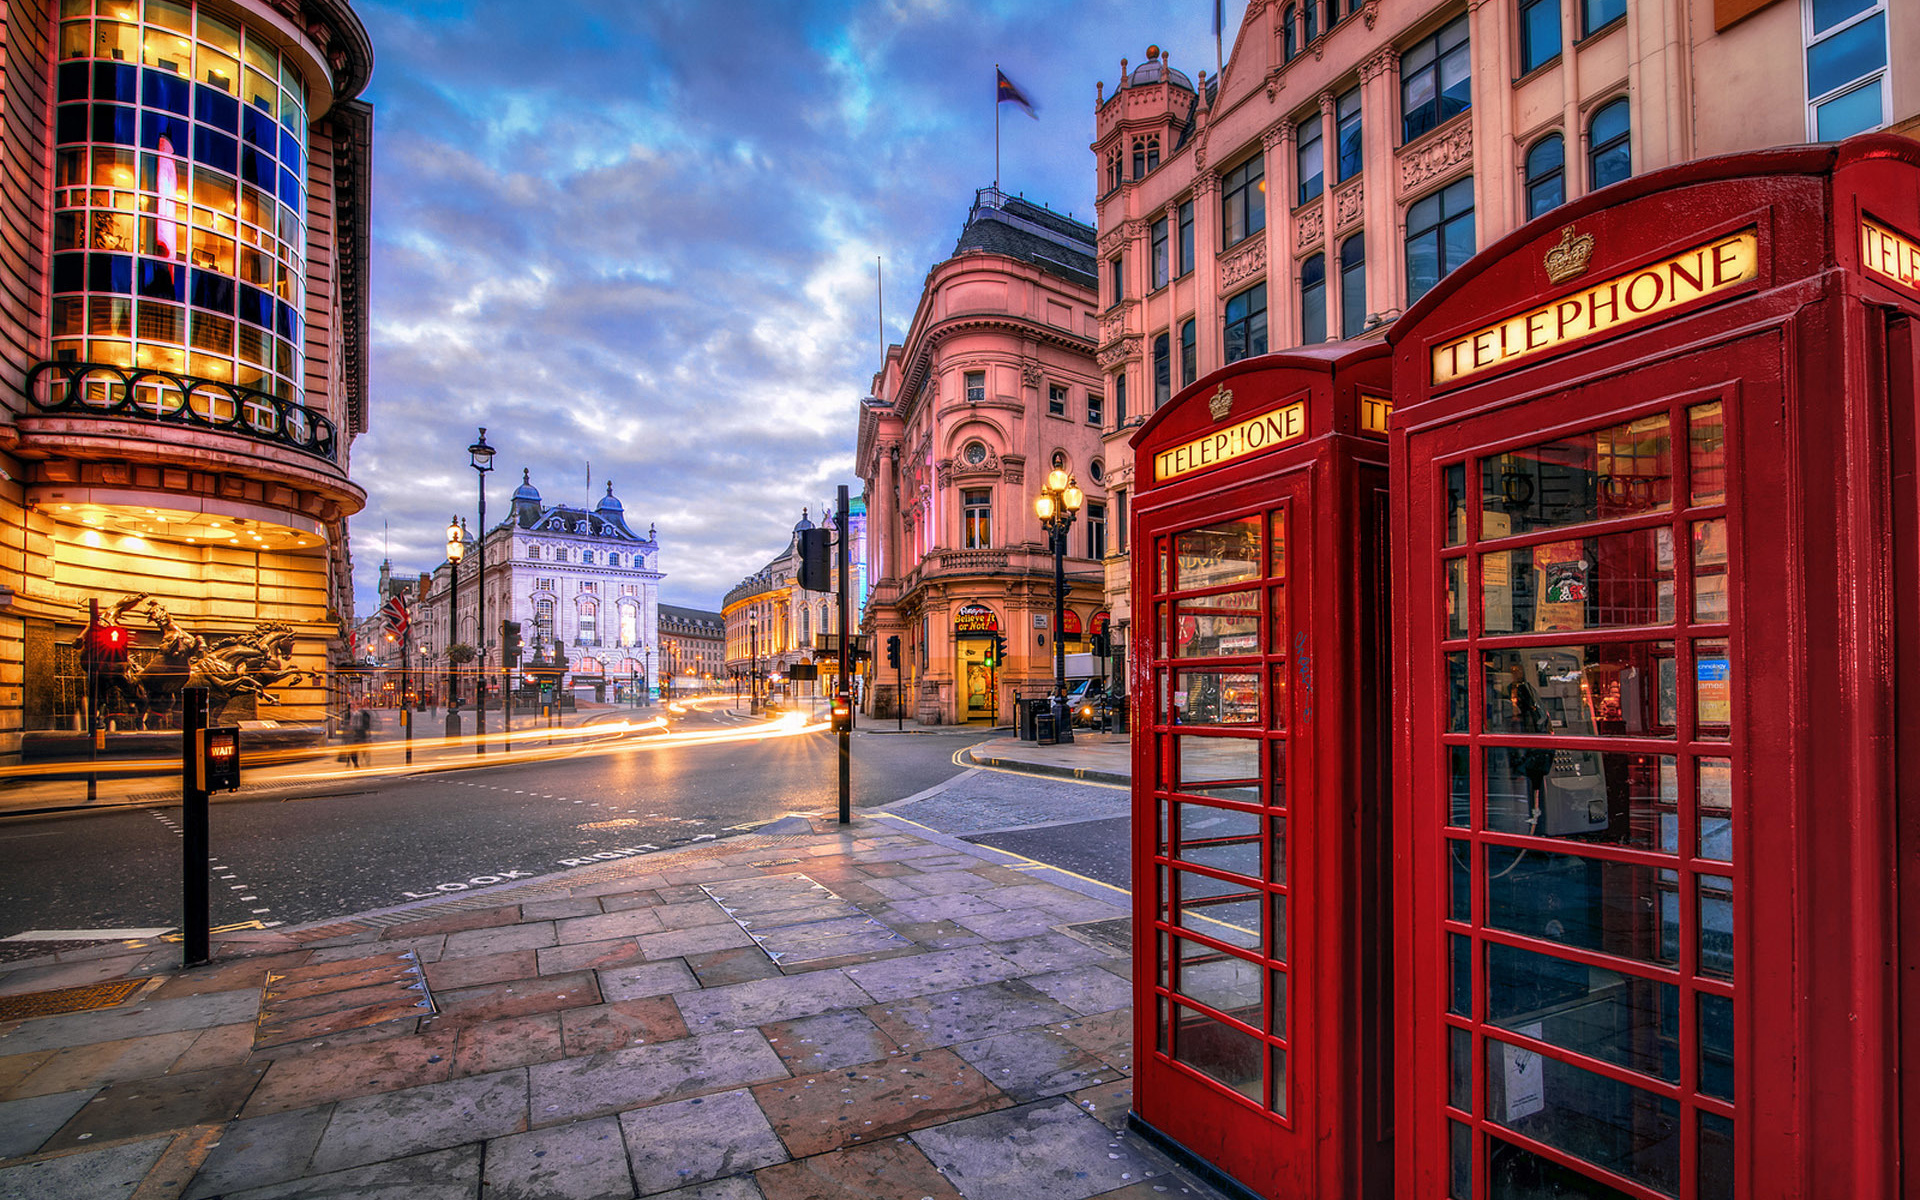 Документы на визу в Англию: весь перечень, требования, примеры, нюансы